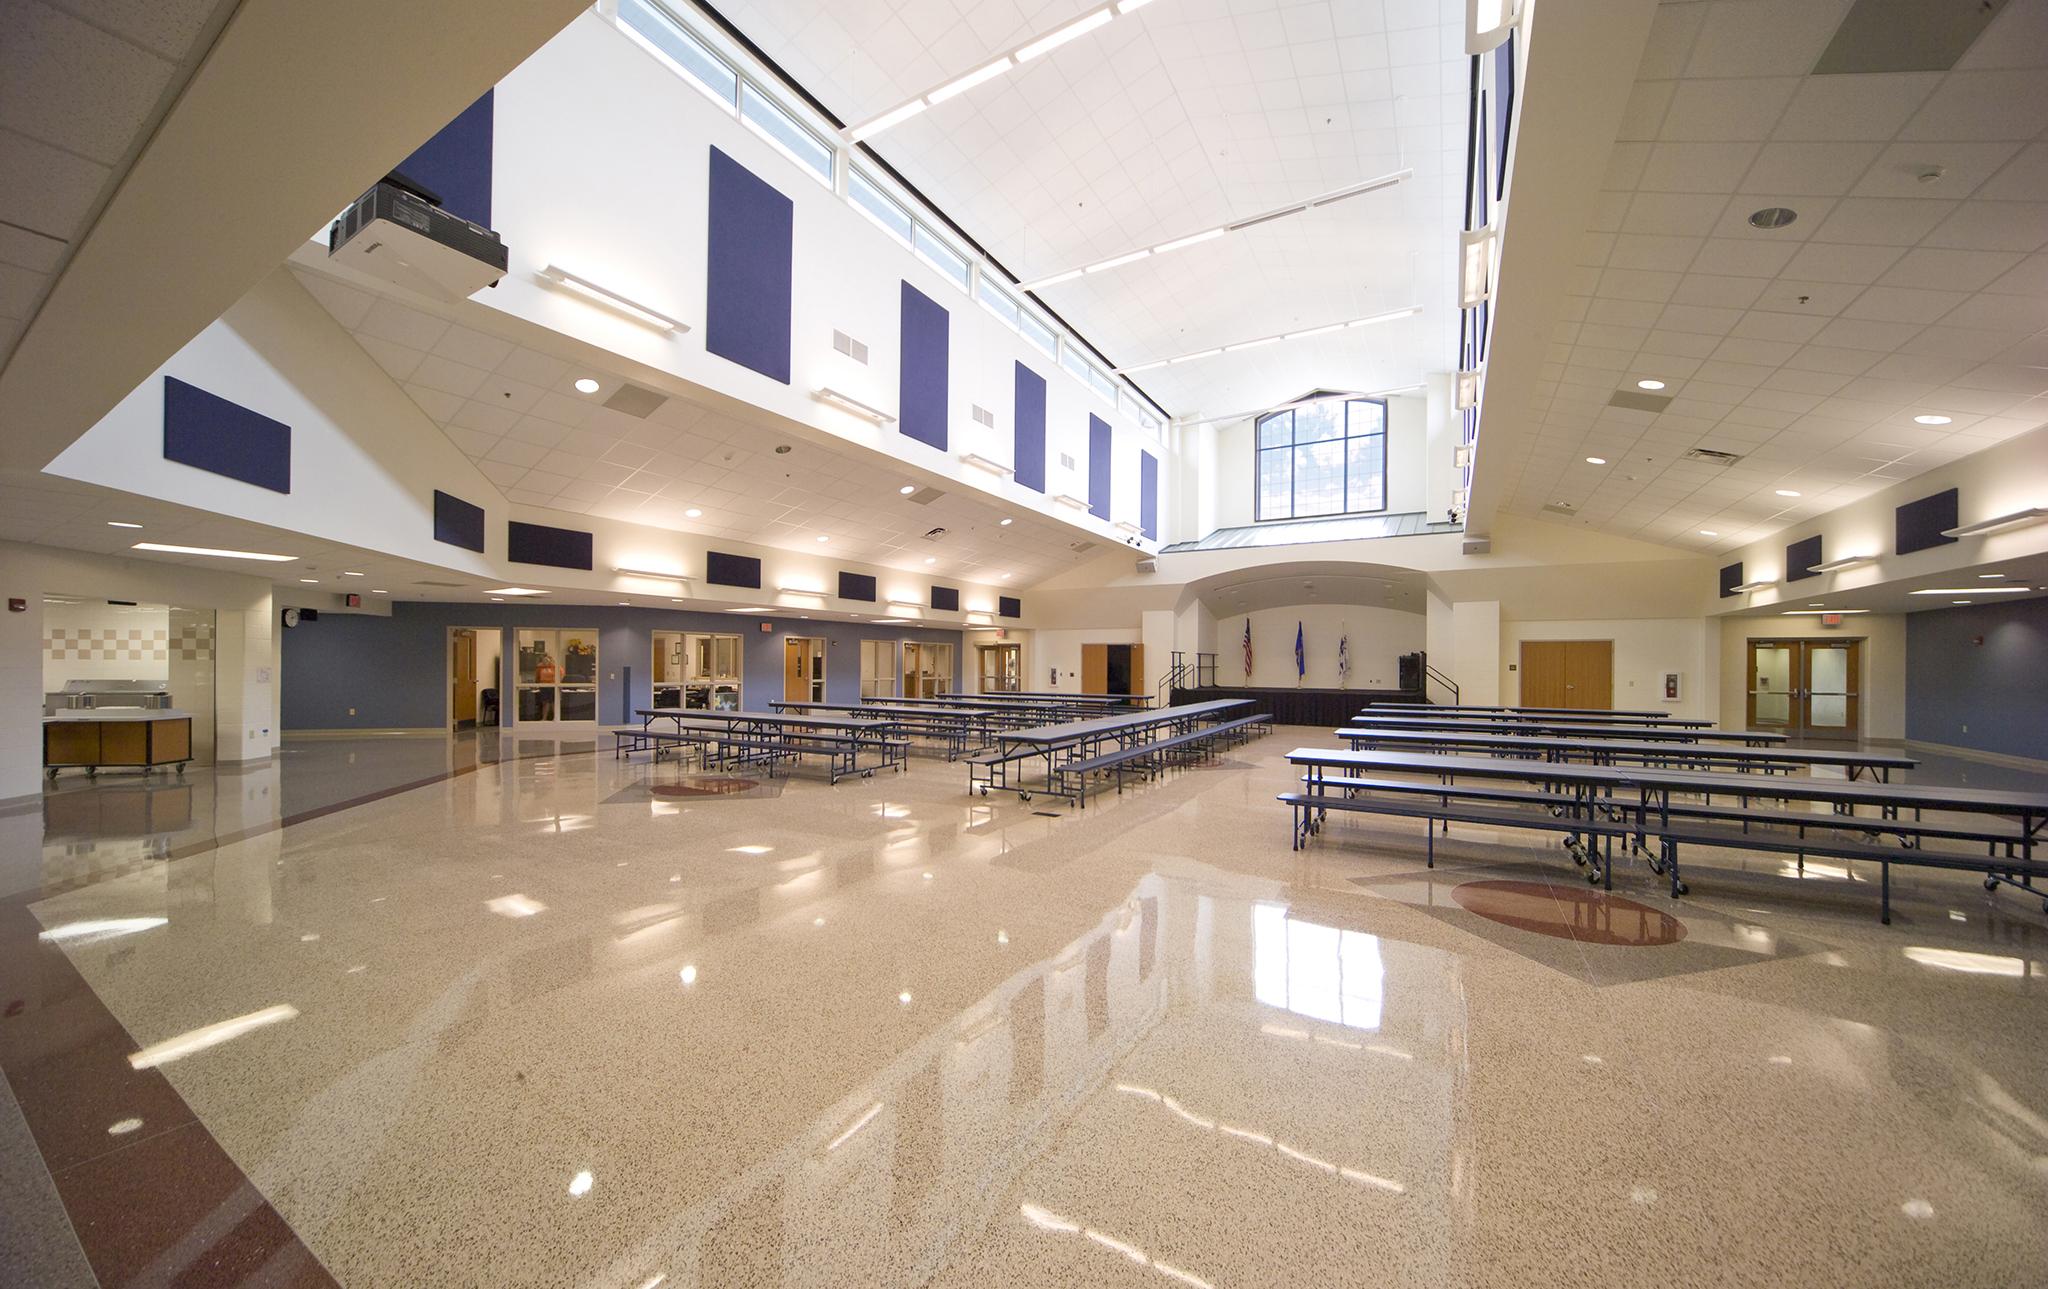 2_Susie-Altmayer-Elementary-School